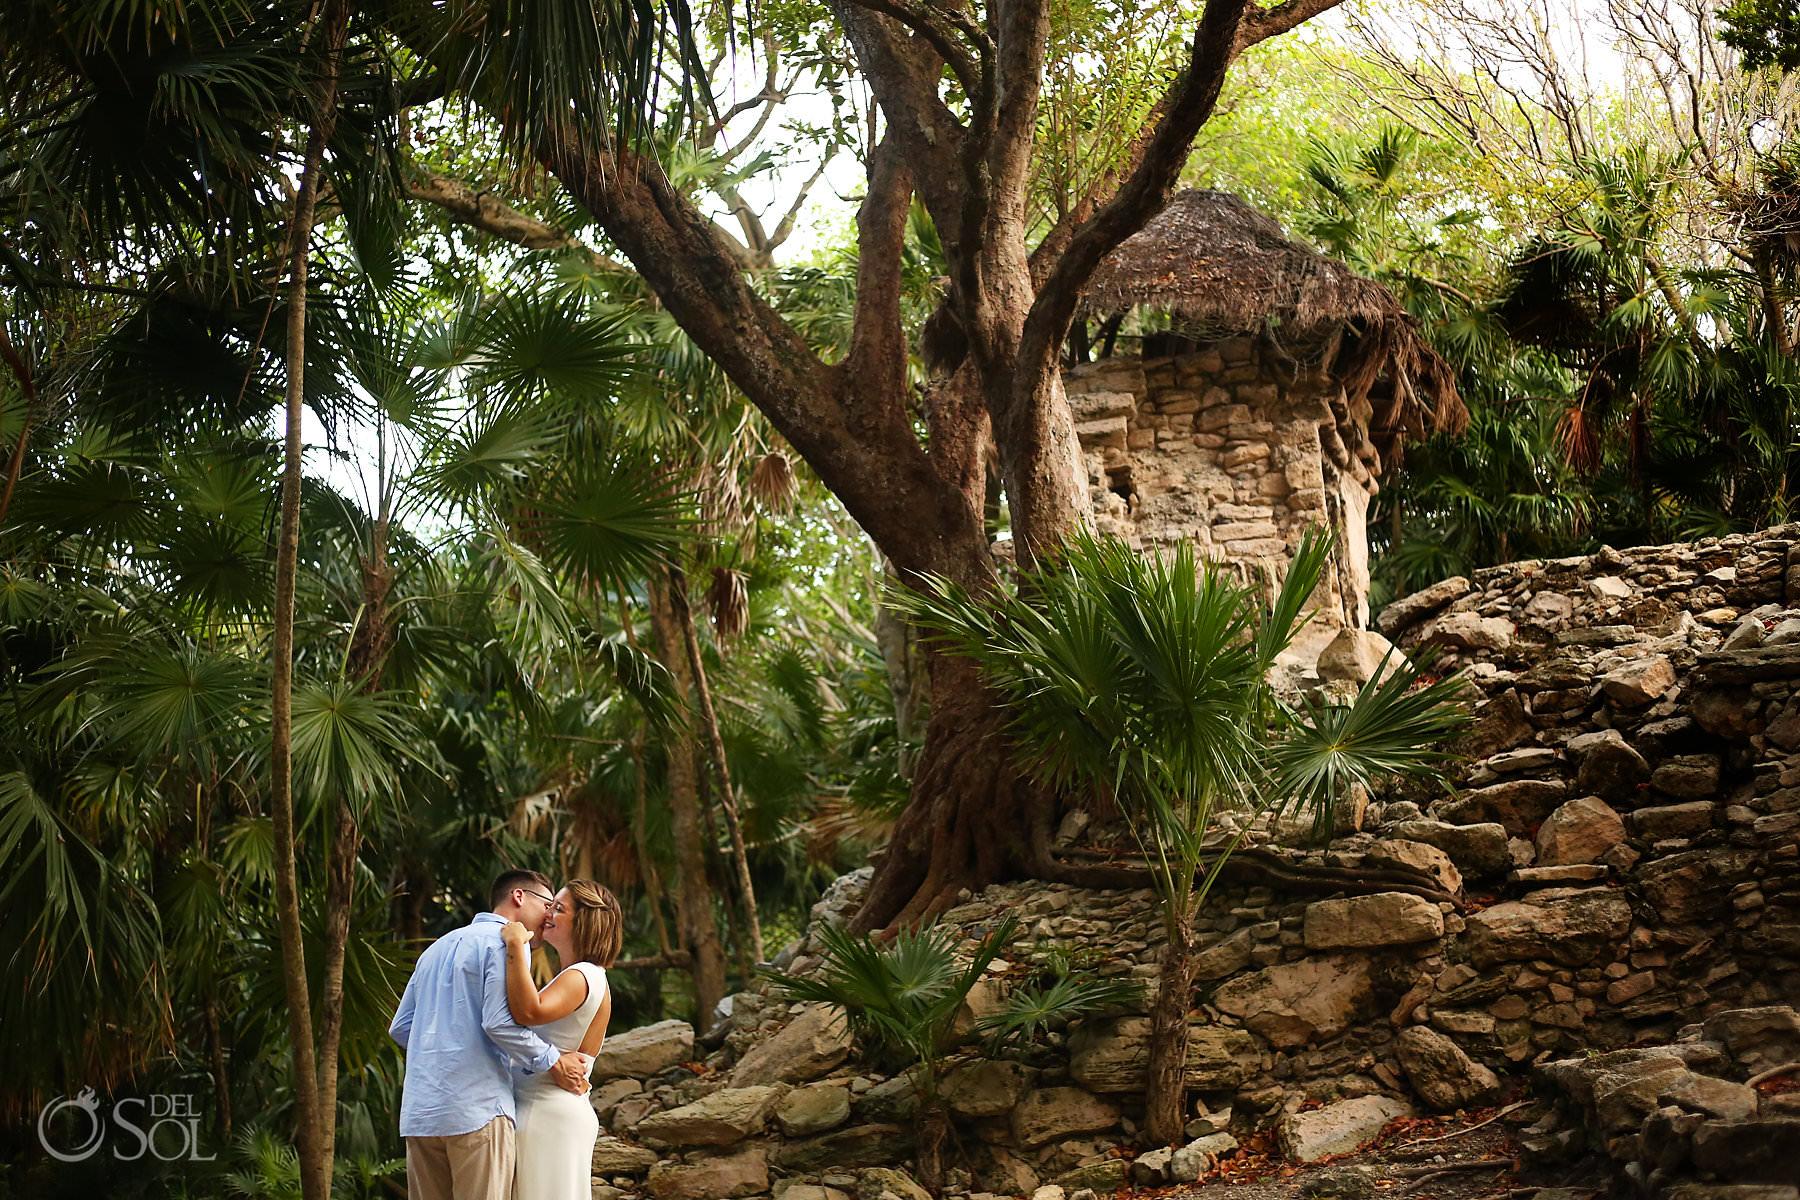 Riviera Maya Engagement Photos at Mayan Ruins Playa del Carmen